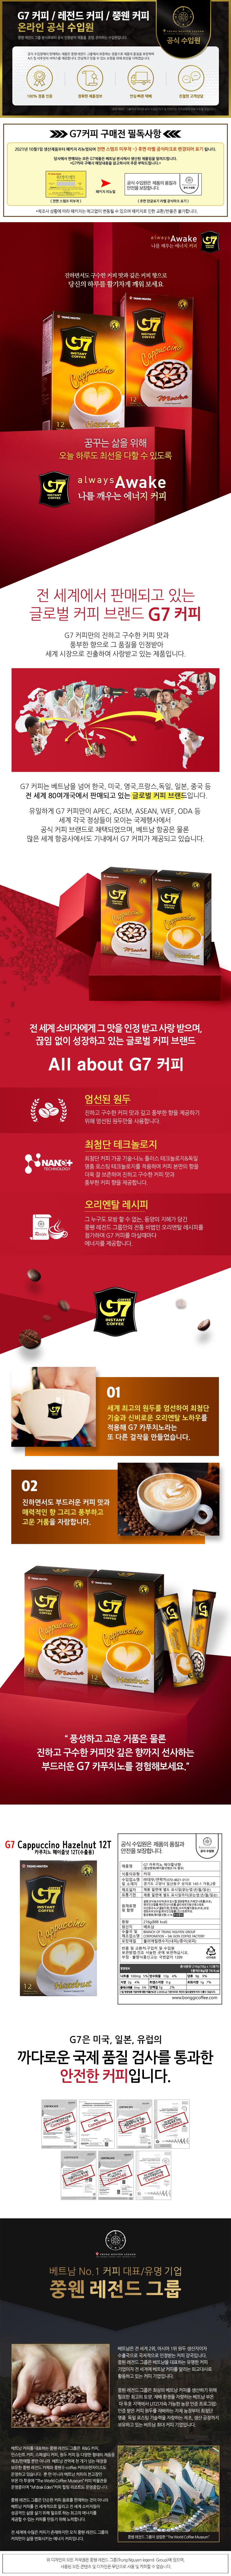 베트남 G7 카푸치노 헤이즐넛 12개입 수입커피 - 봉지커피, 2,500원, 커피, 커피믹스/인스턴트커피